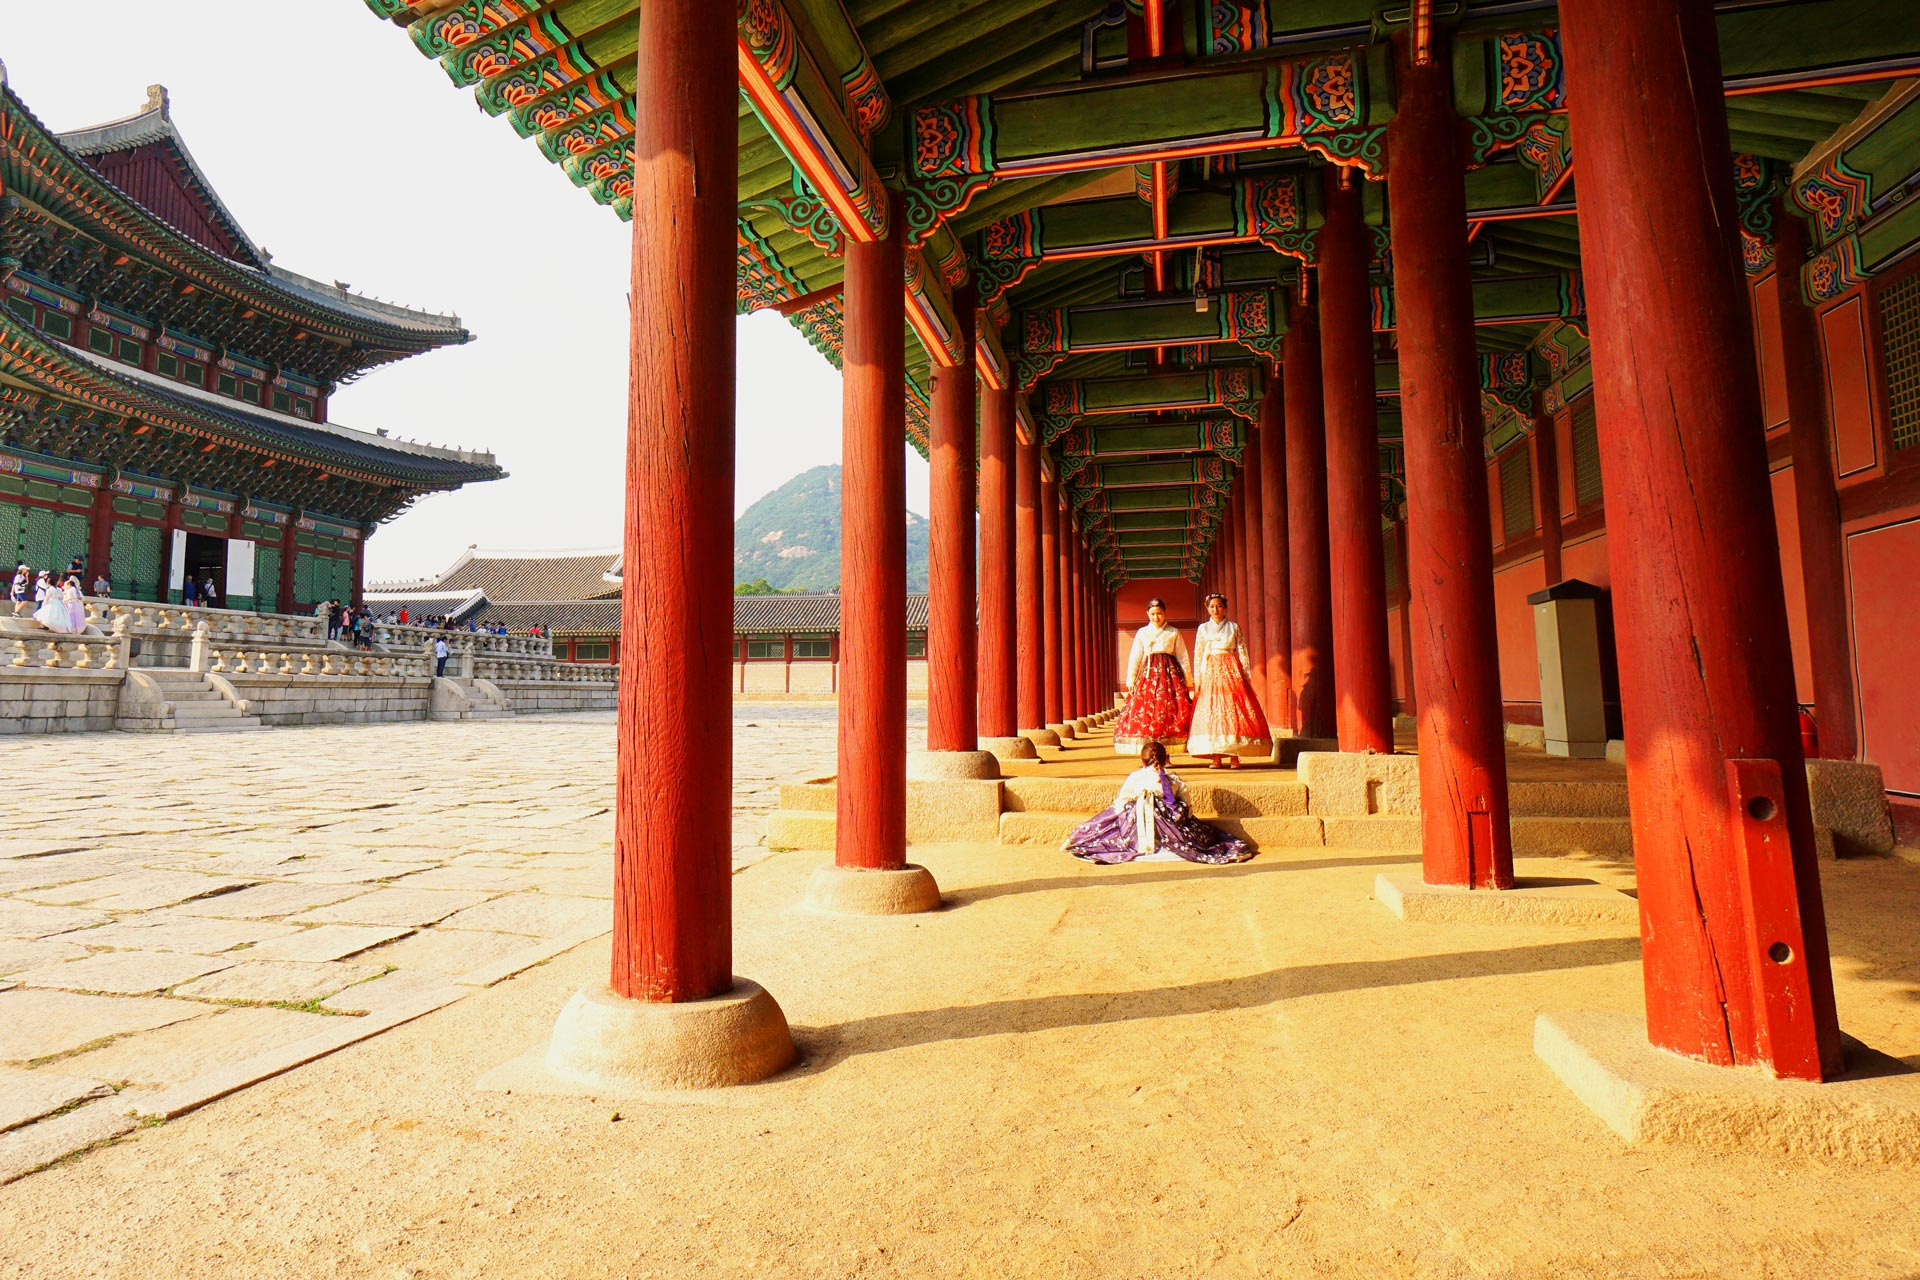 Mädchen im traditionellen koreanischen Hanbok. Wer den Gyeongbokgung Palast in traditioneller Kleidung besucht muss keinen Eintritt zahlen.